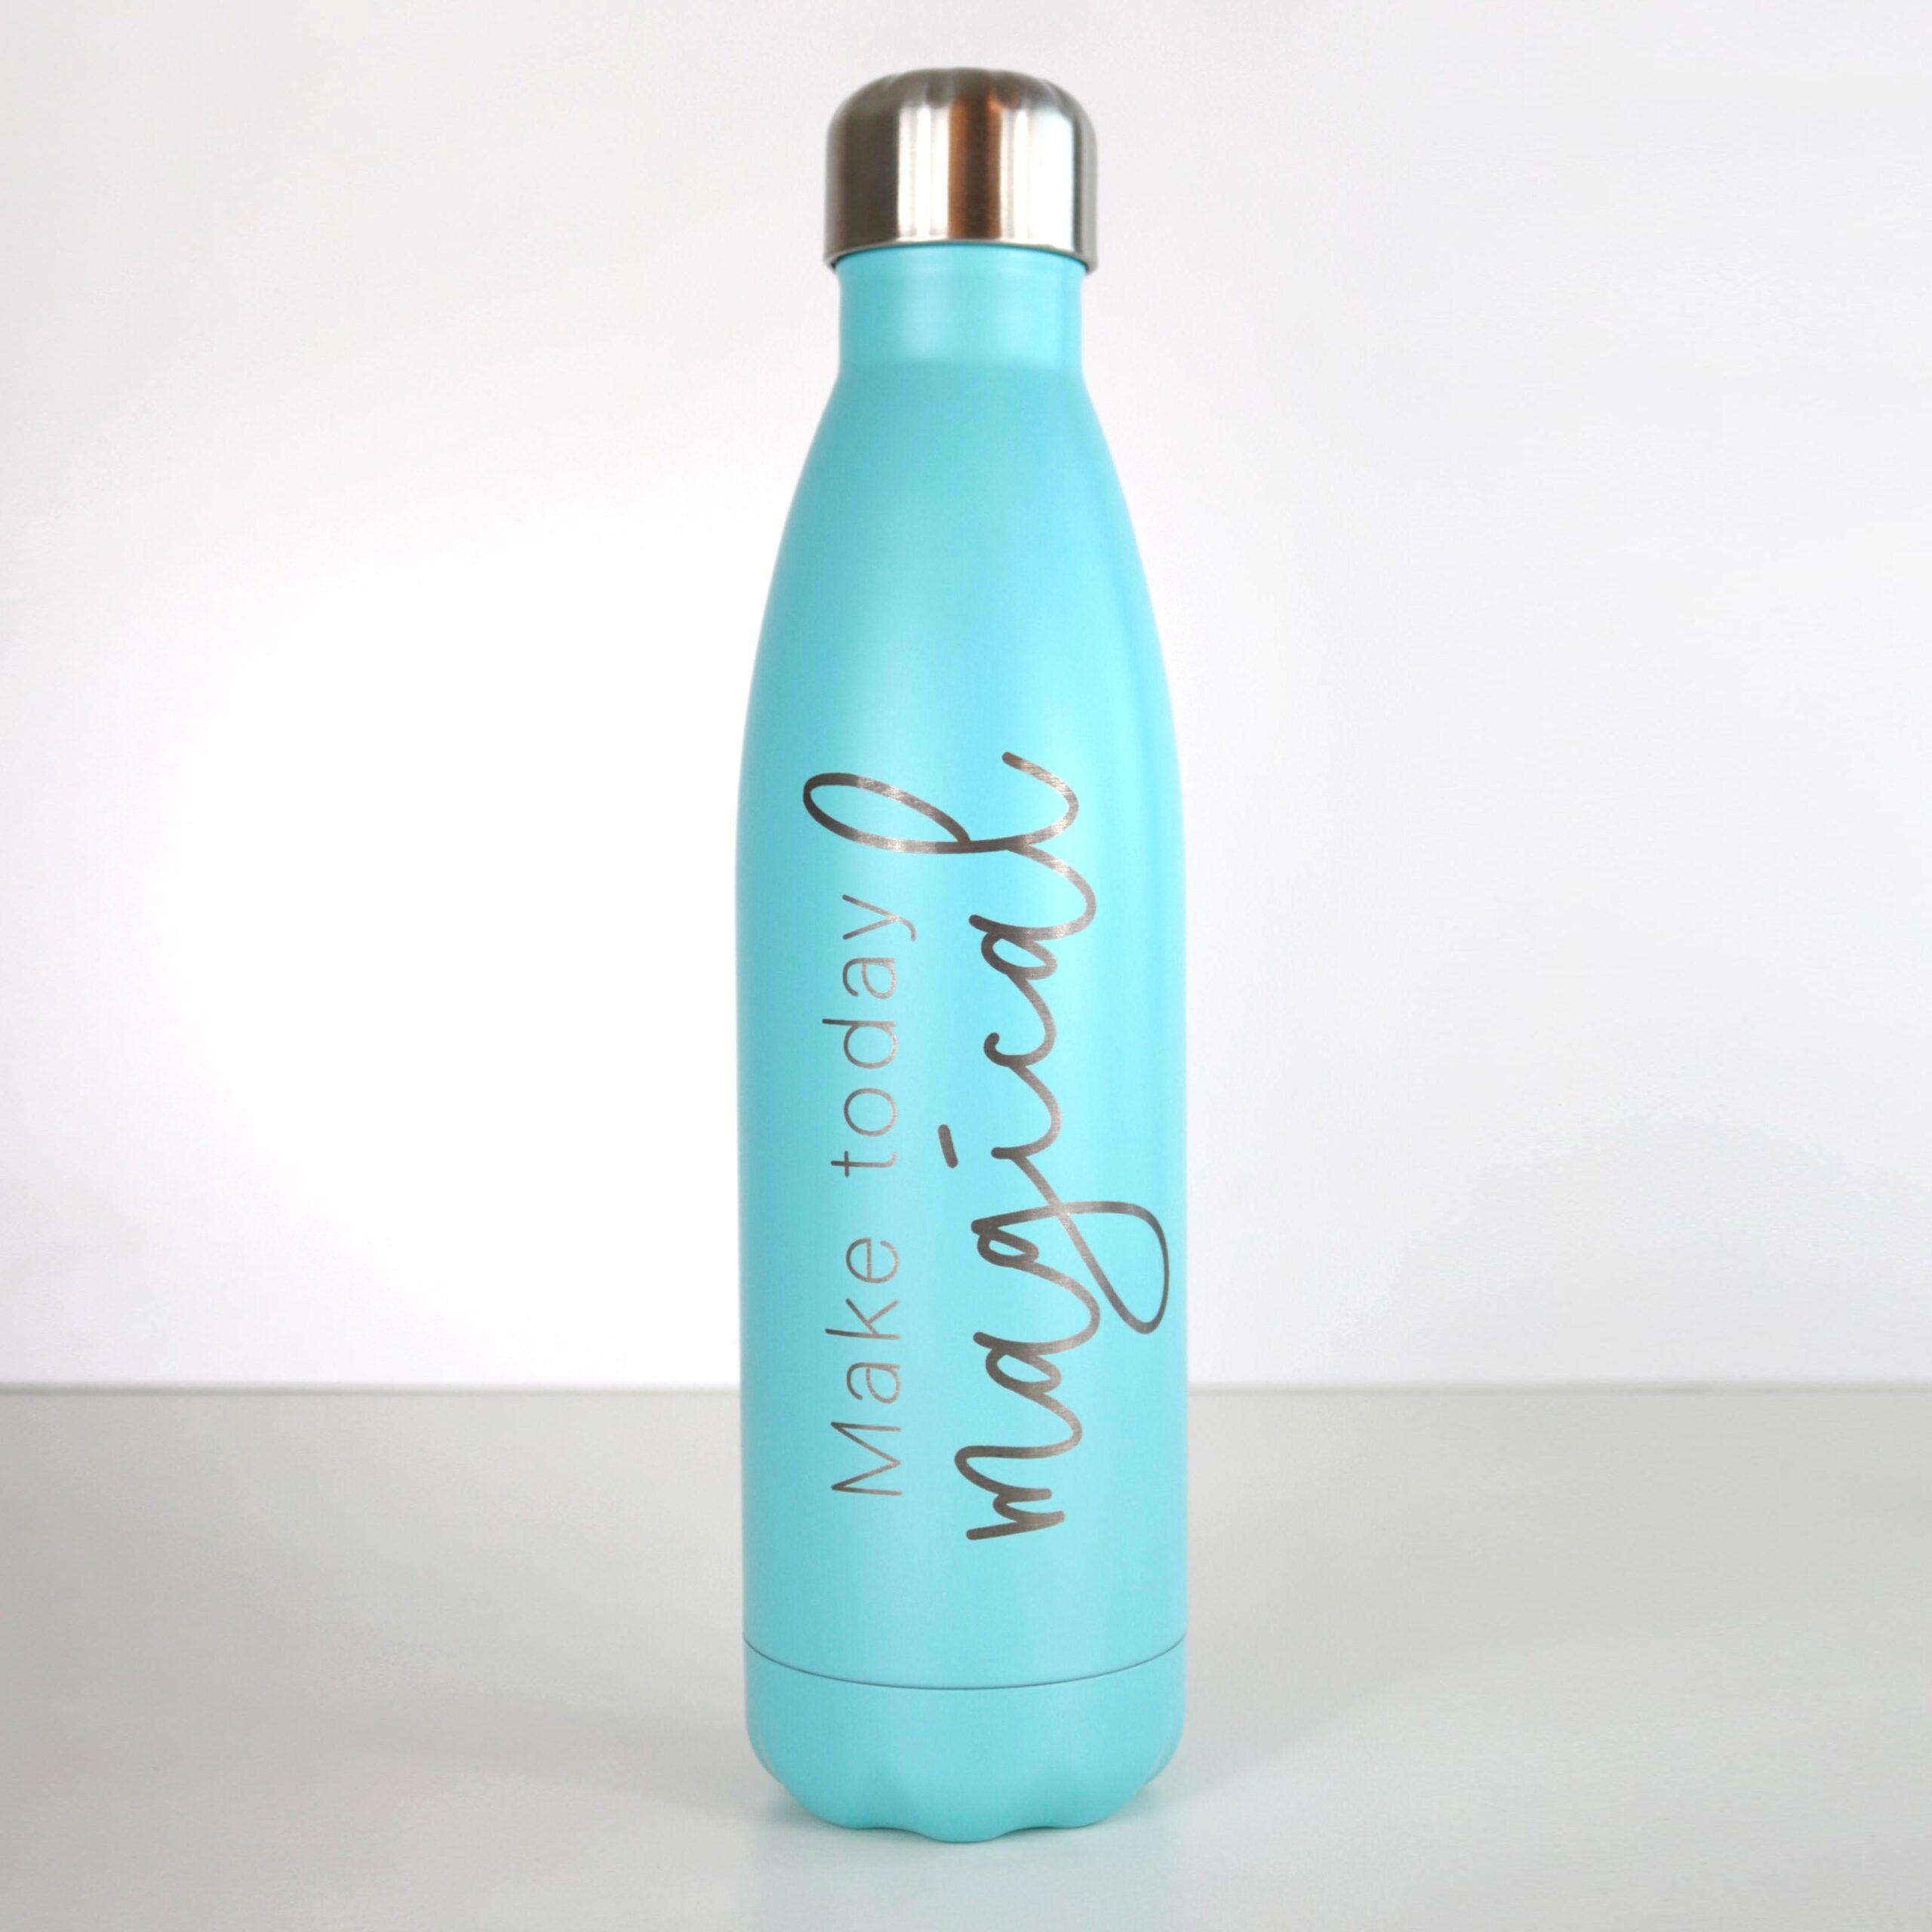 Gravierte Thermosflasche aus Edelstahl mit Gravur